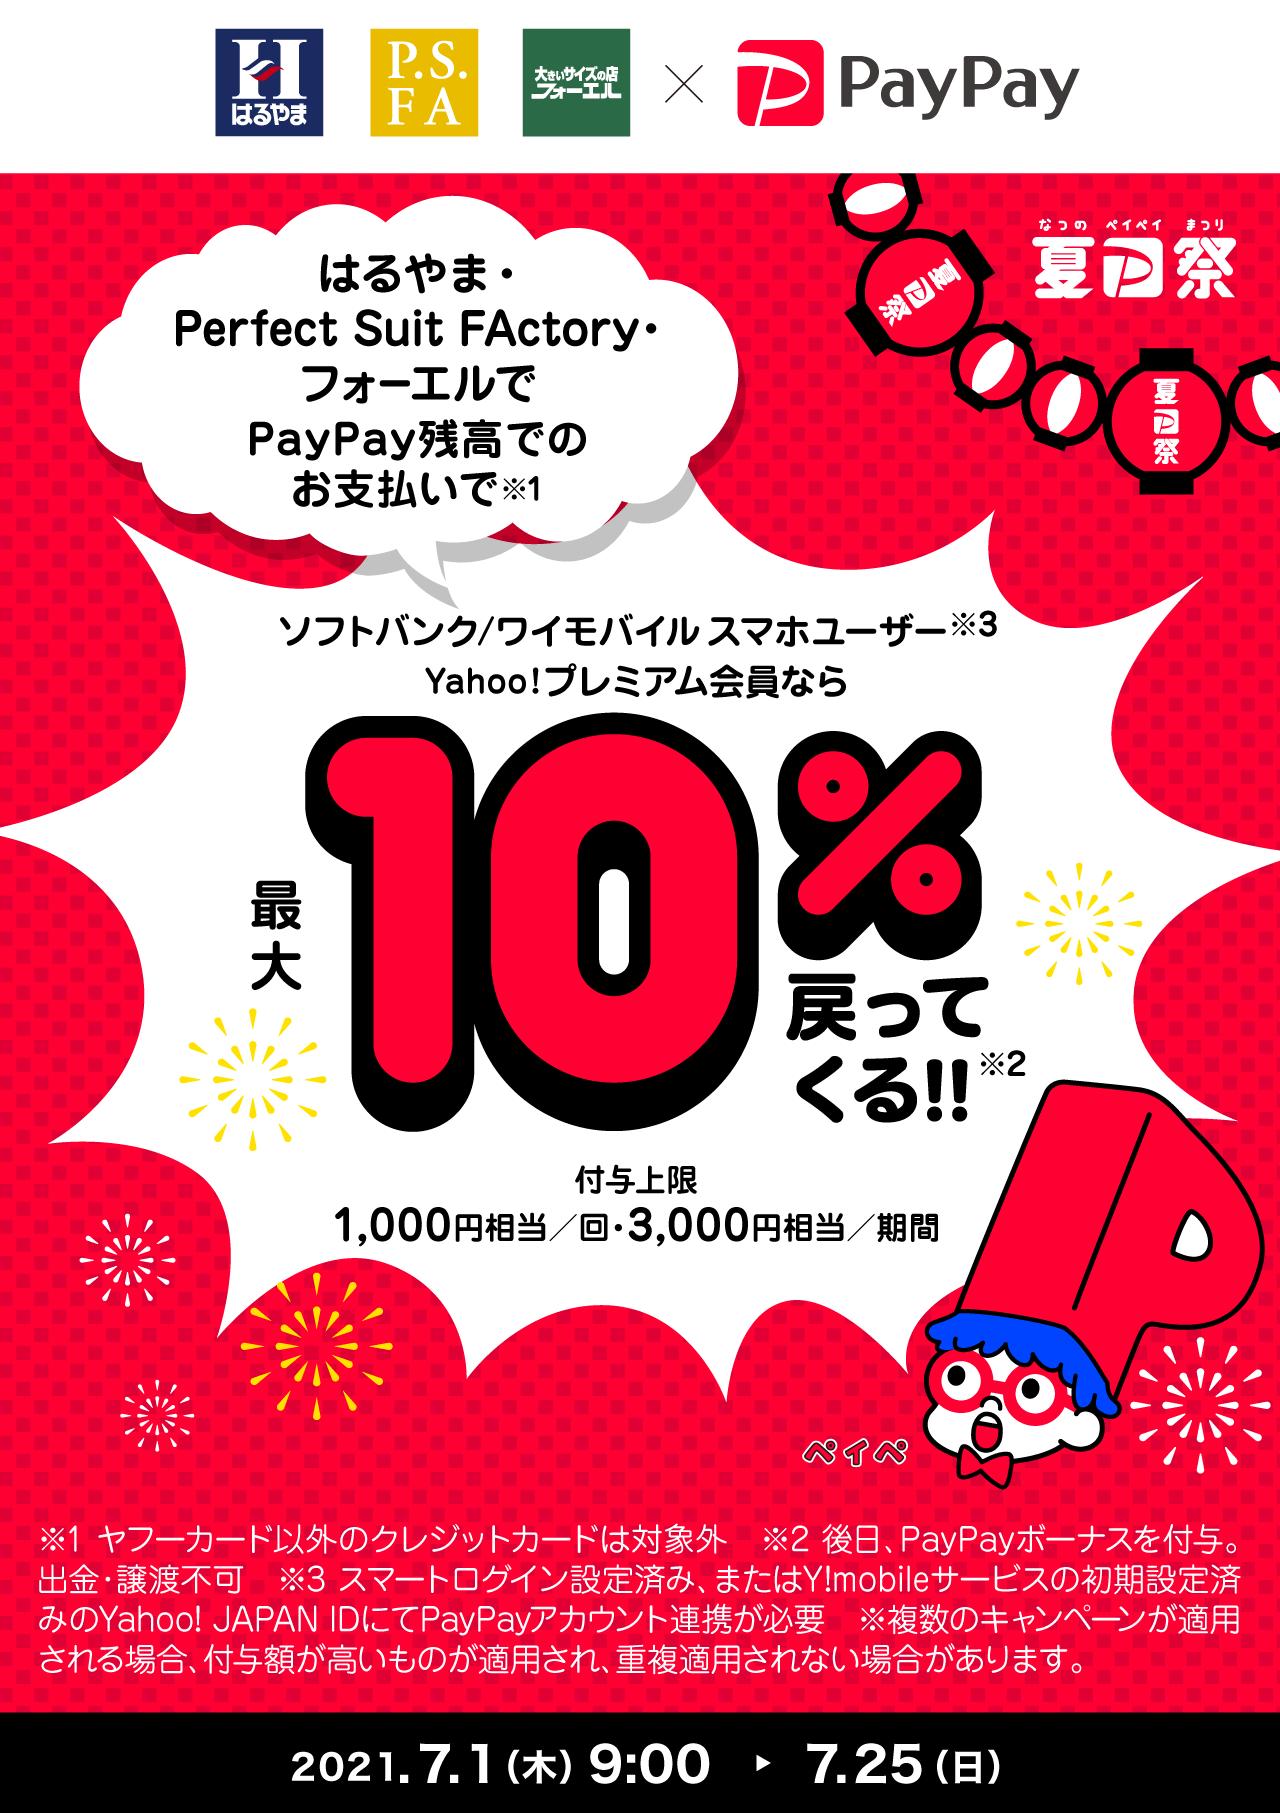 はるやま・Perfect Suit FActory・フォーエルでPayPay残高でのお支払いで最大10%戻ってくる!!